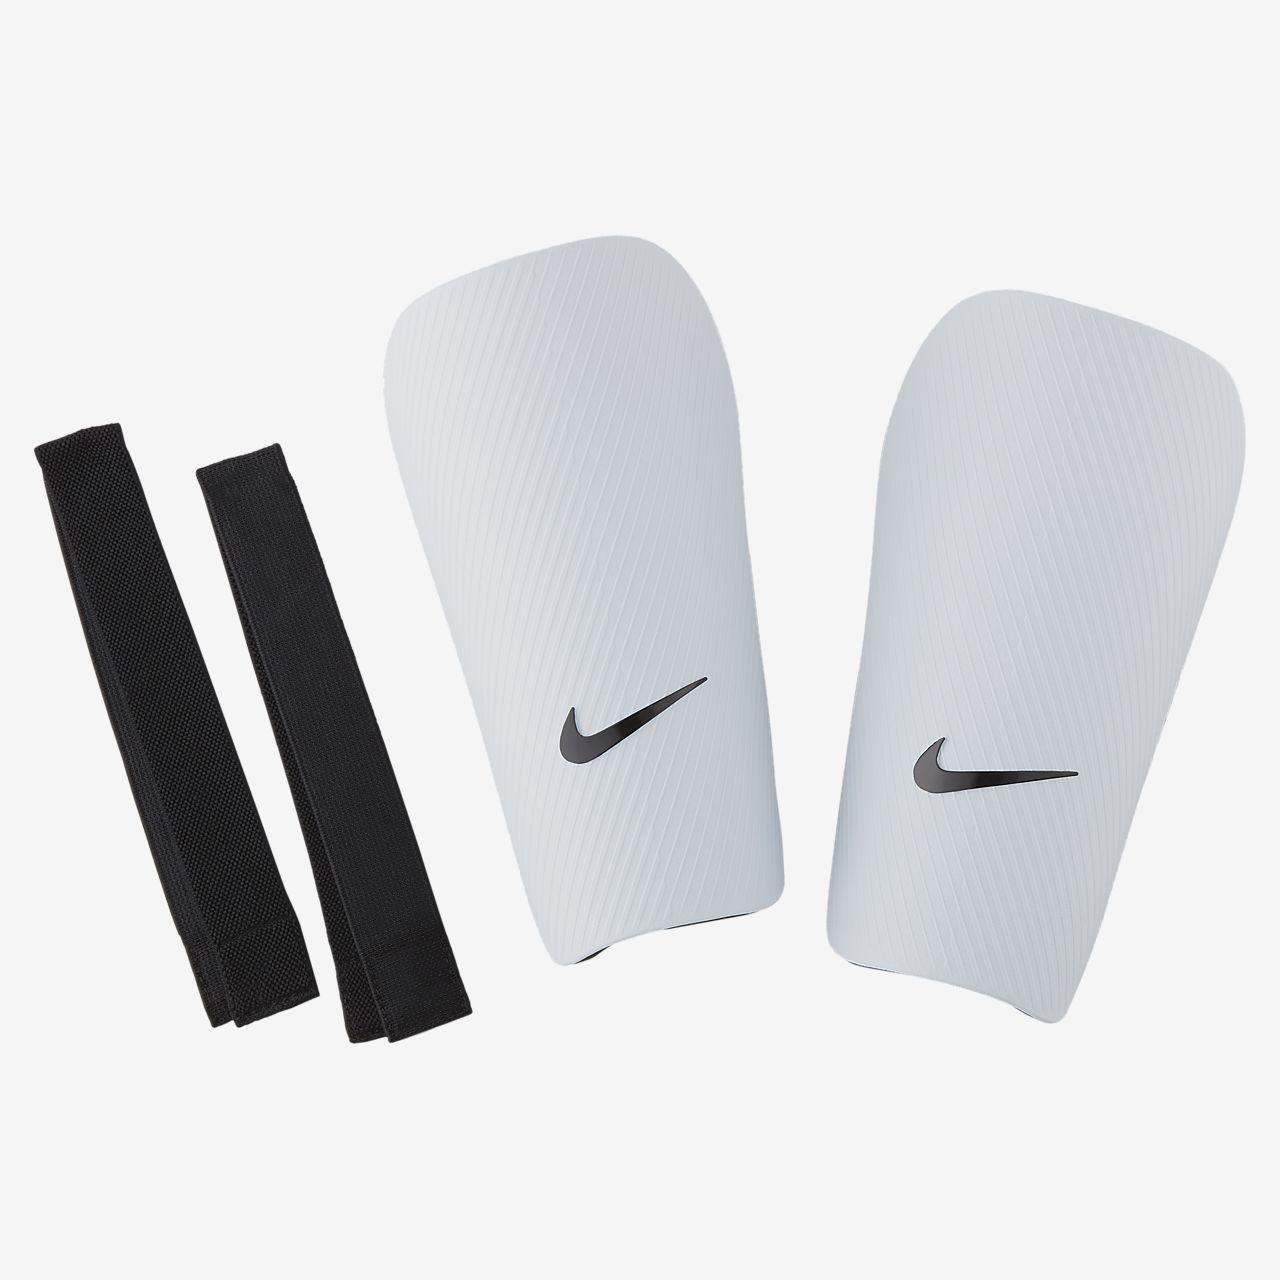 Protección para pierna de fútbol Nike J CE